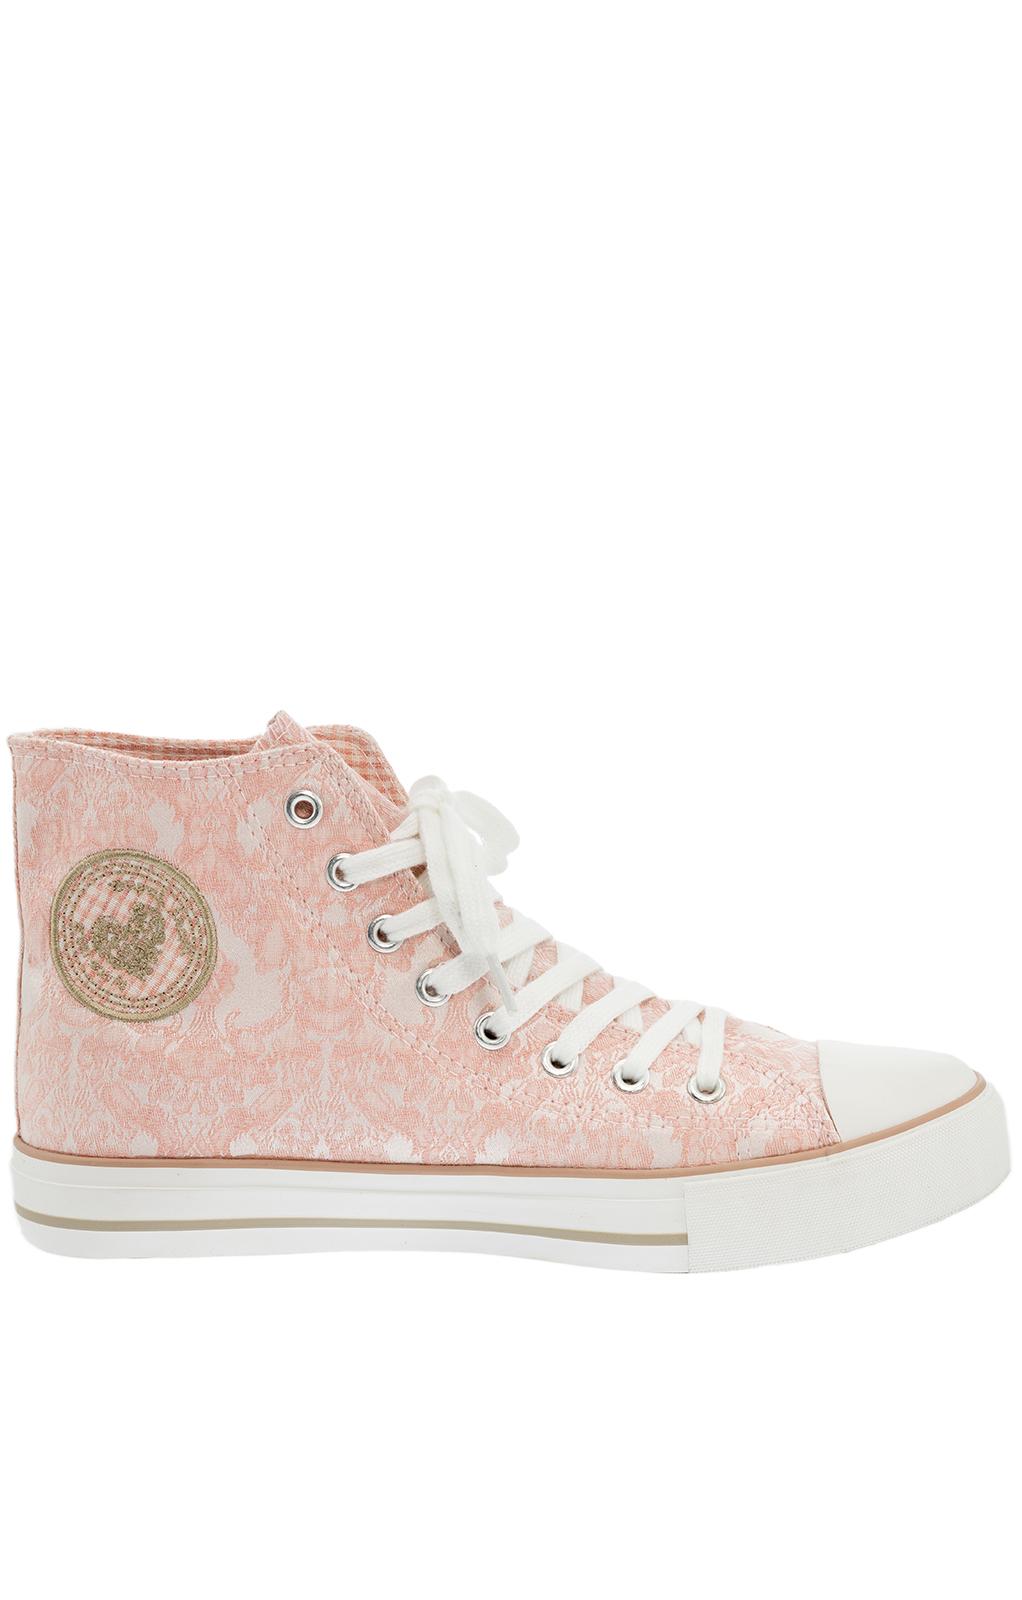 Trachten Sneaker 4713-33 rosa von Krüger Dirndl